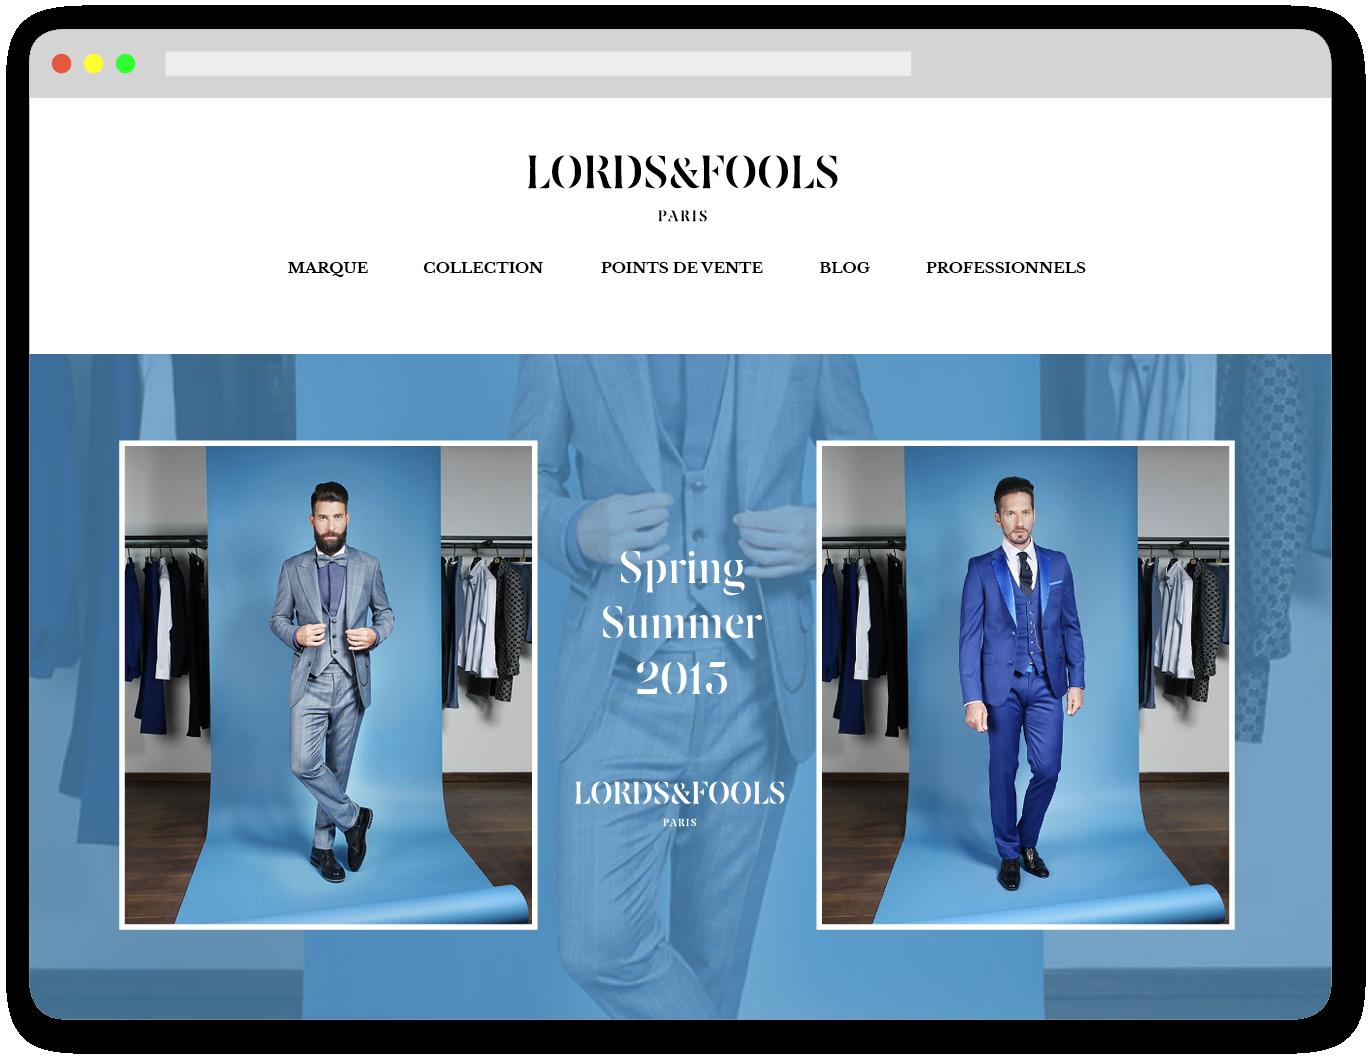 Exemple de double page intérieure de magasine Les communications sont toujours composées d'un savant mélange d'illustrations manuelles et vectorielles dans des tonalités précises.